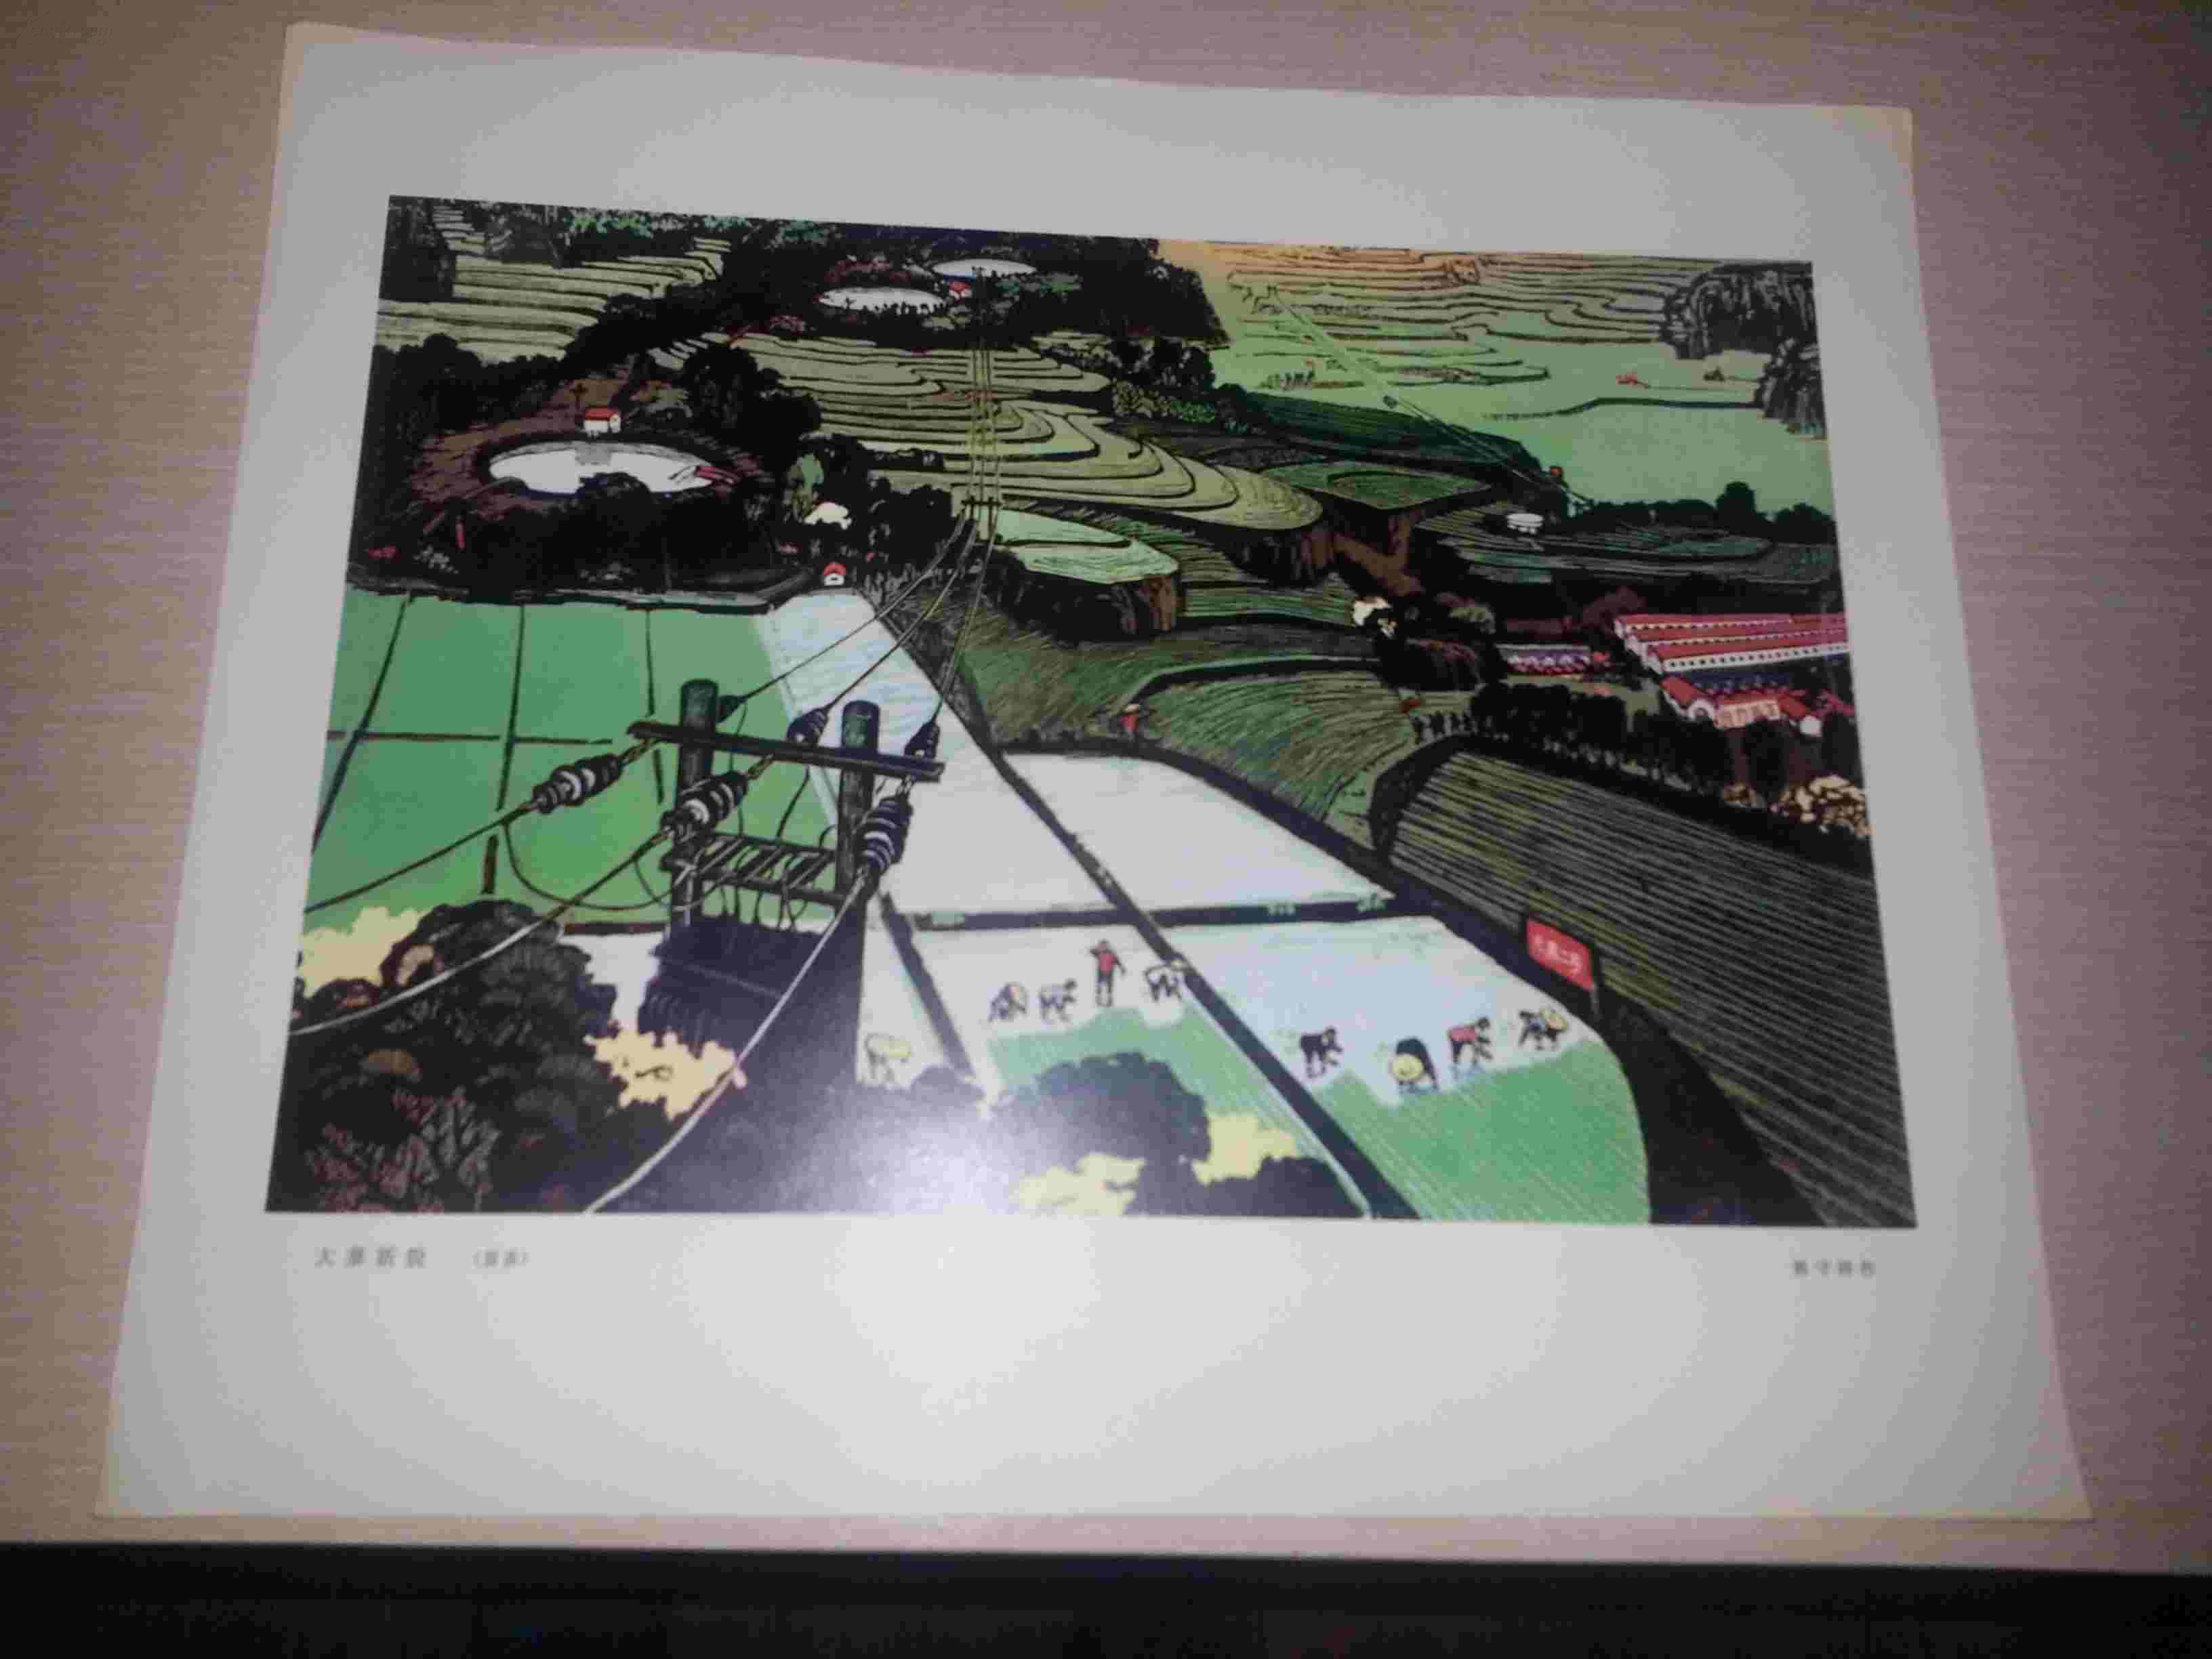 【图】 庆祝中华人民共和国成立二十五周年全国美术>图片